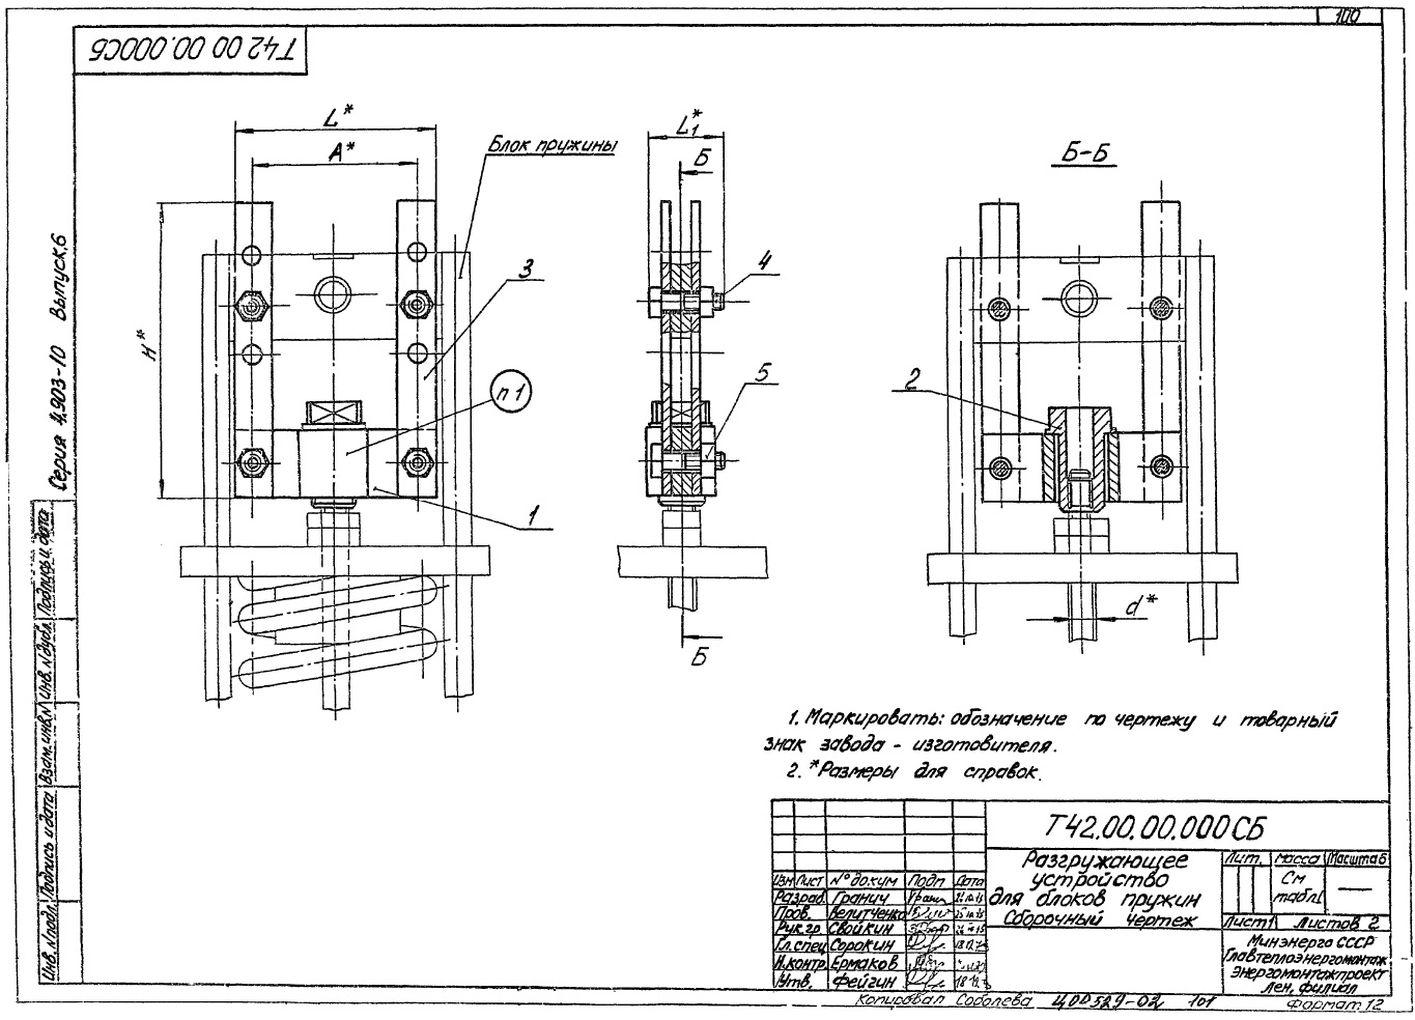 Разгружающее устройство для блоков пружин Т42.00.00.000 стр.1